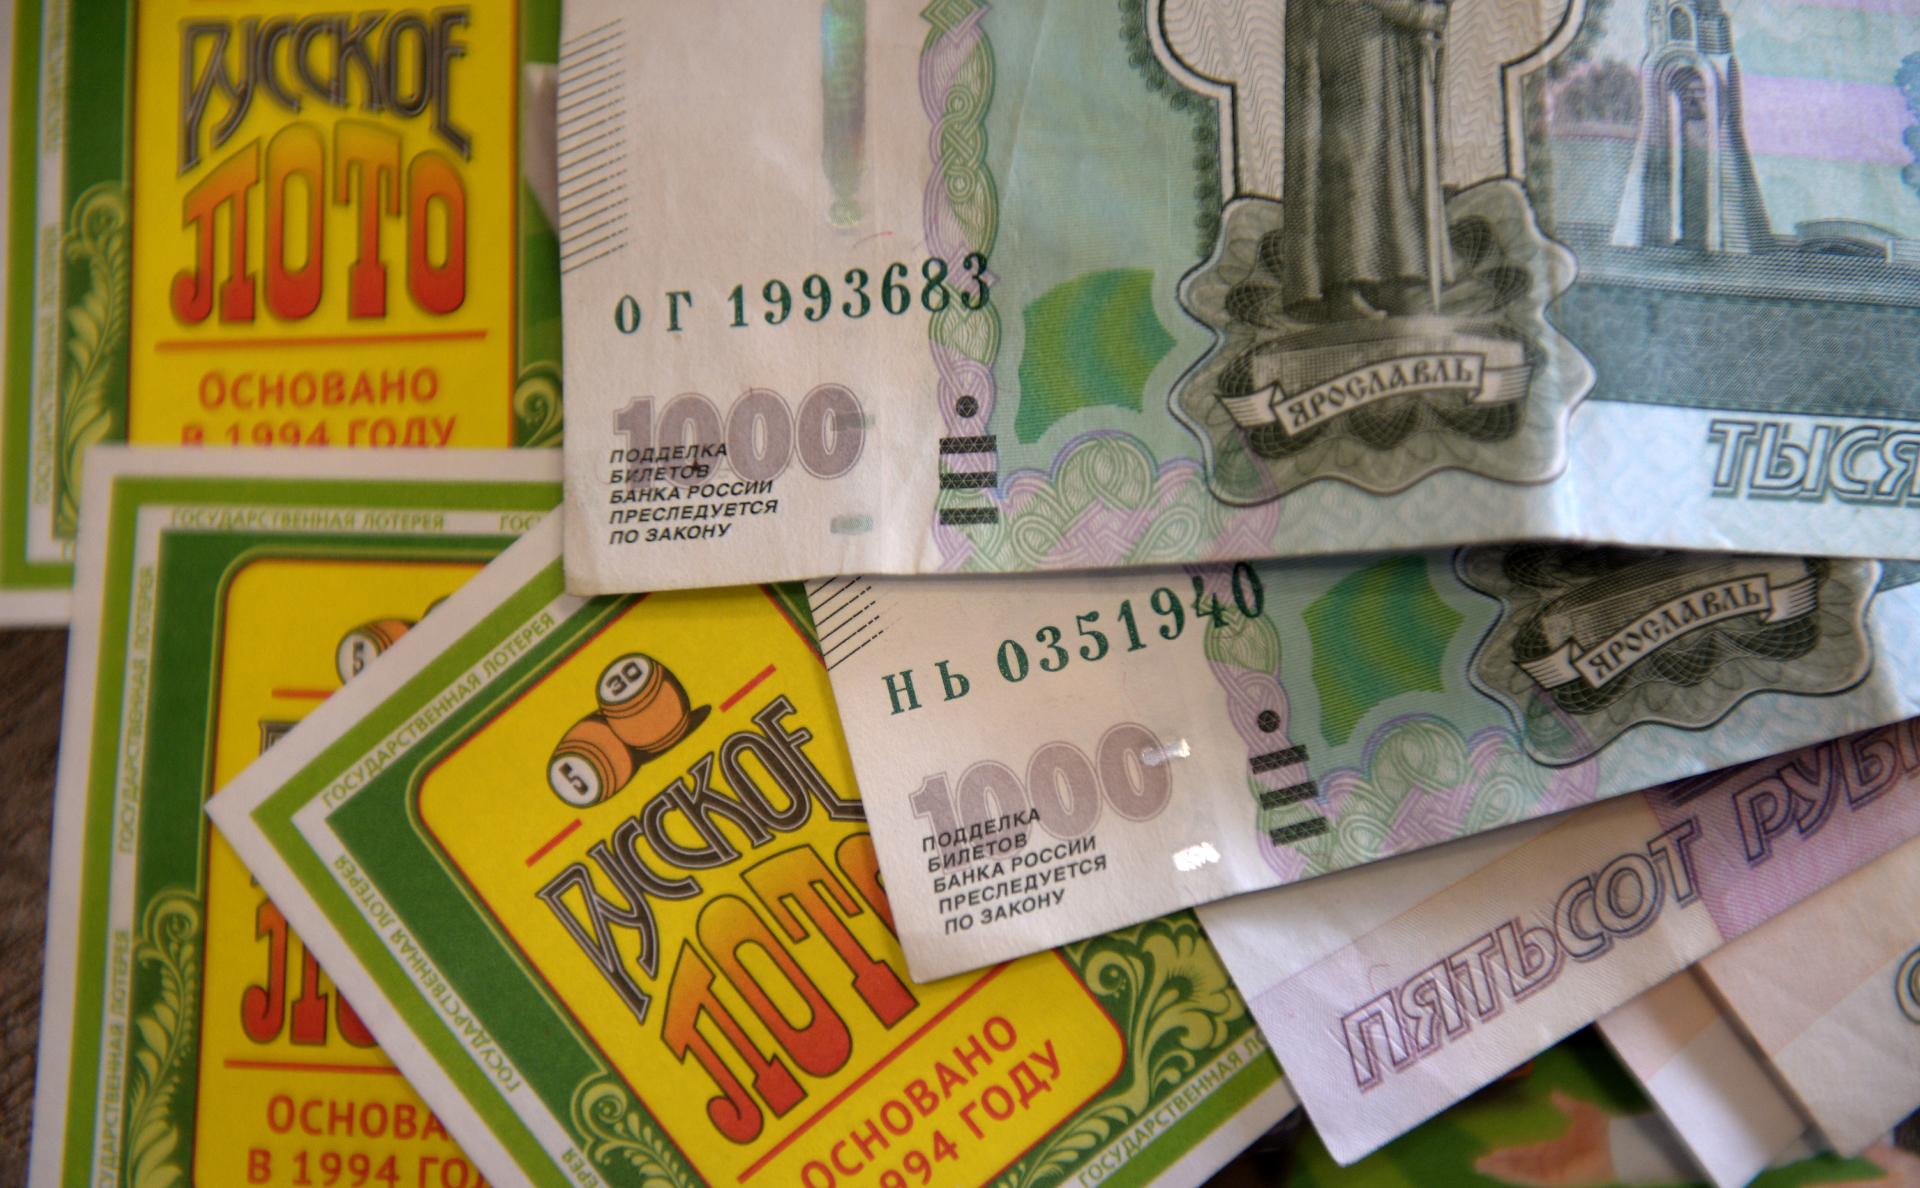 Как и где получить выигрыш в русском лото по билету: на карту сбербанка, наличными, на телефон